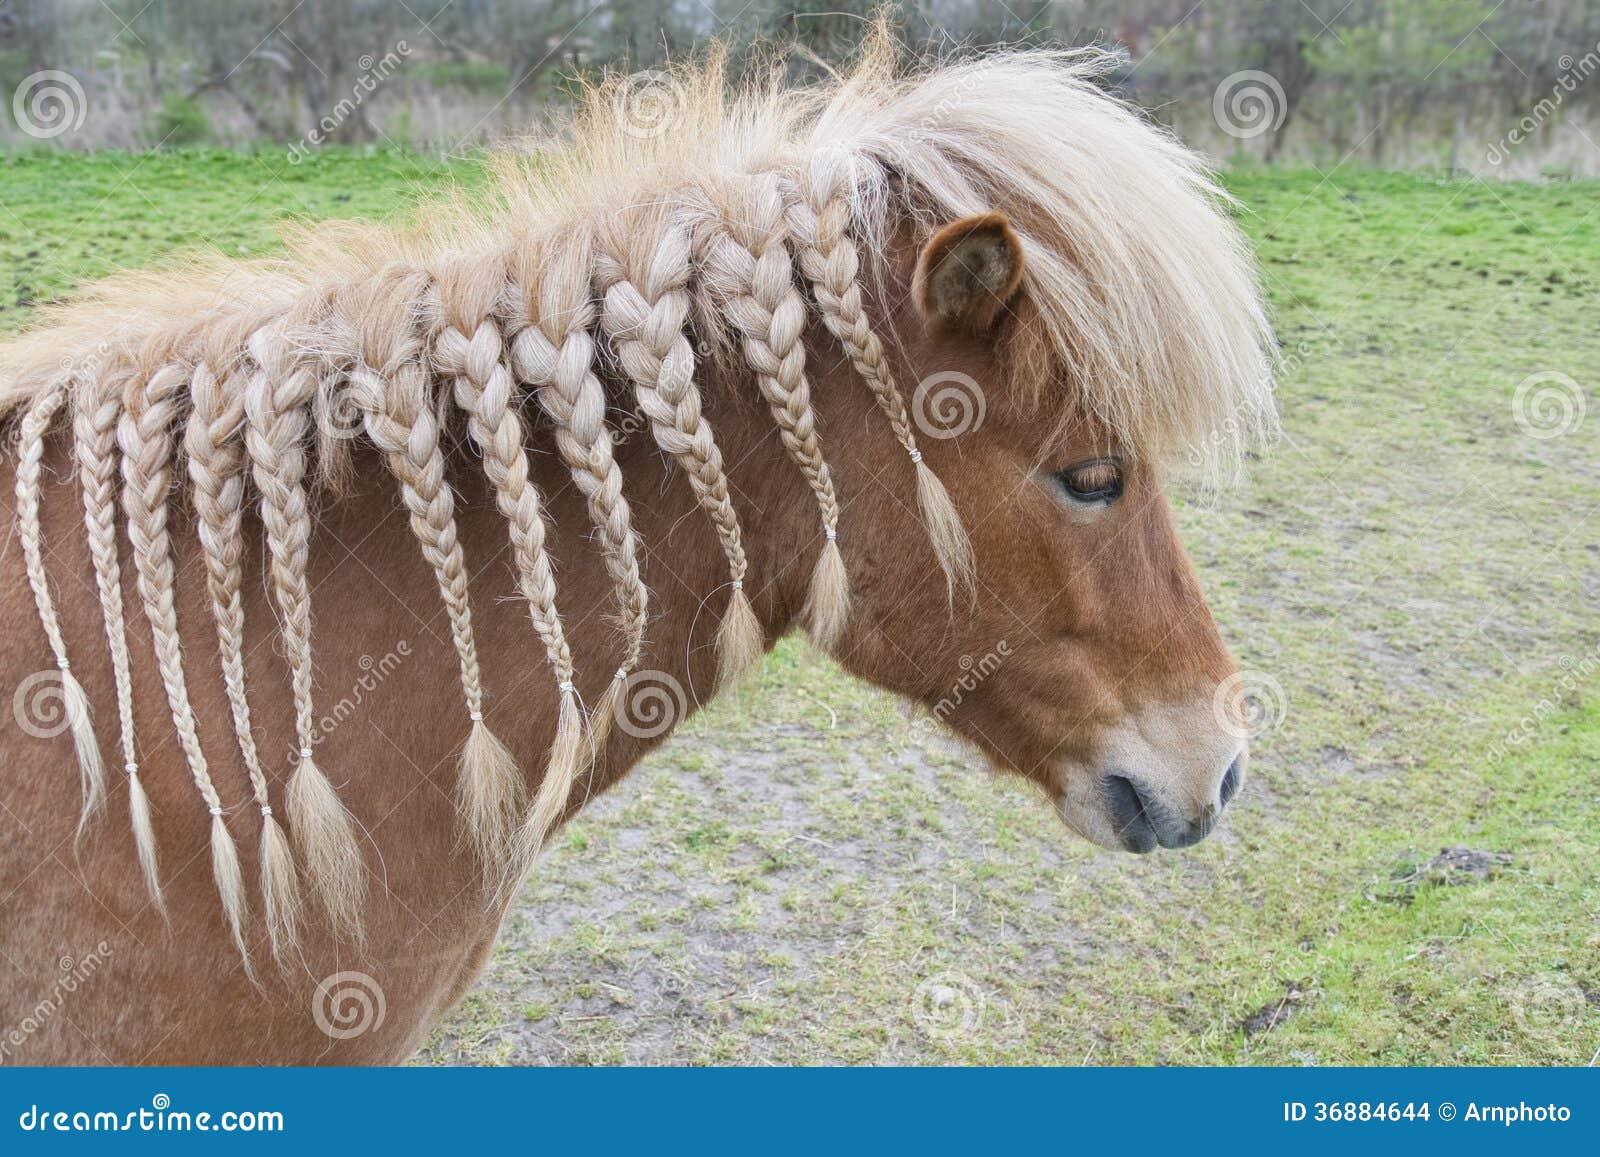 Download Cavallo con le trecce fotografia stock. Immagine di treccia - 36884644